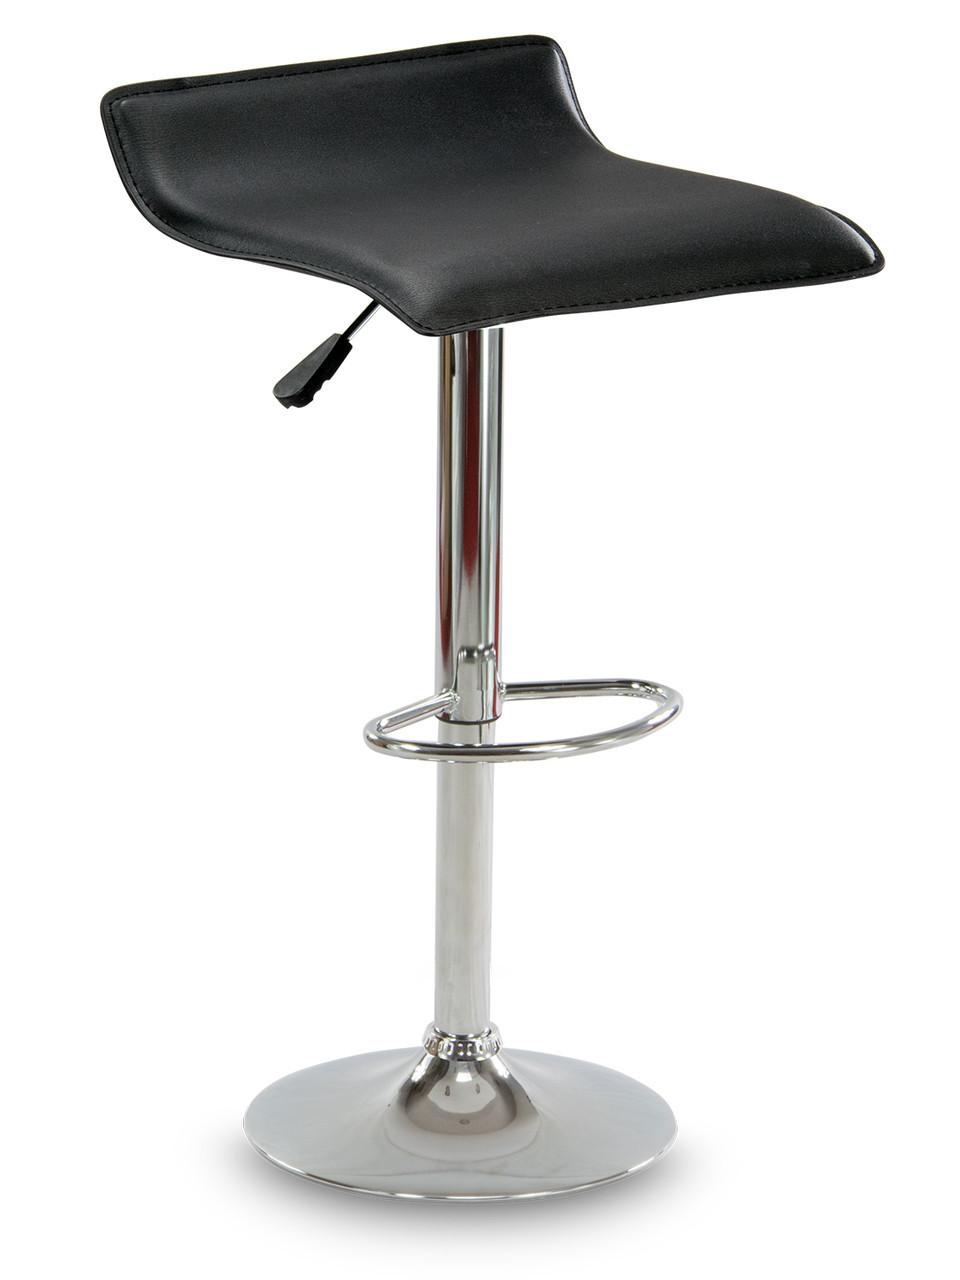 Барний стілець Hoker VIA з регулюванням висоти і підніжкою Чорний